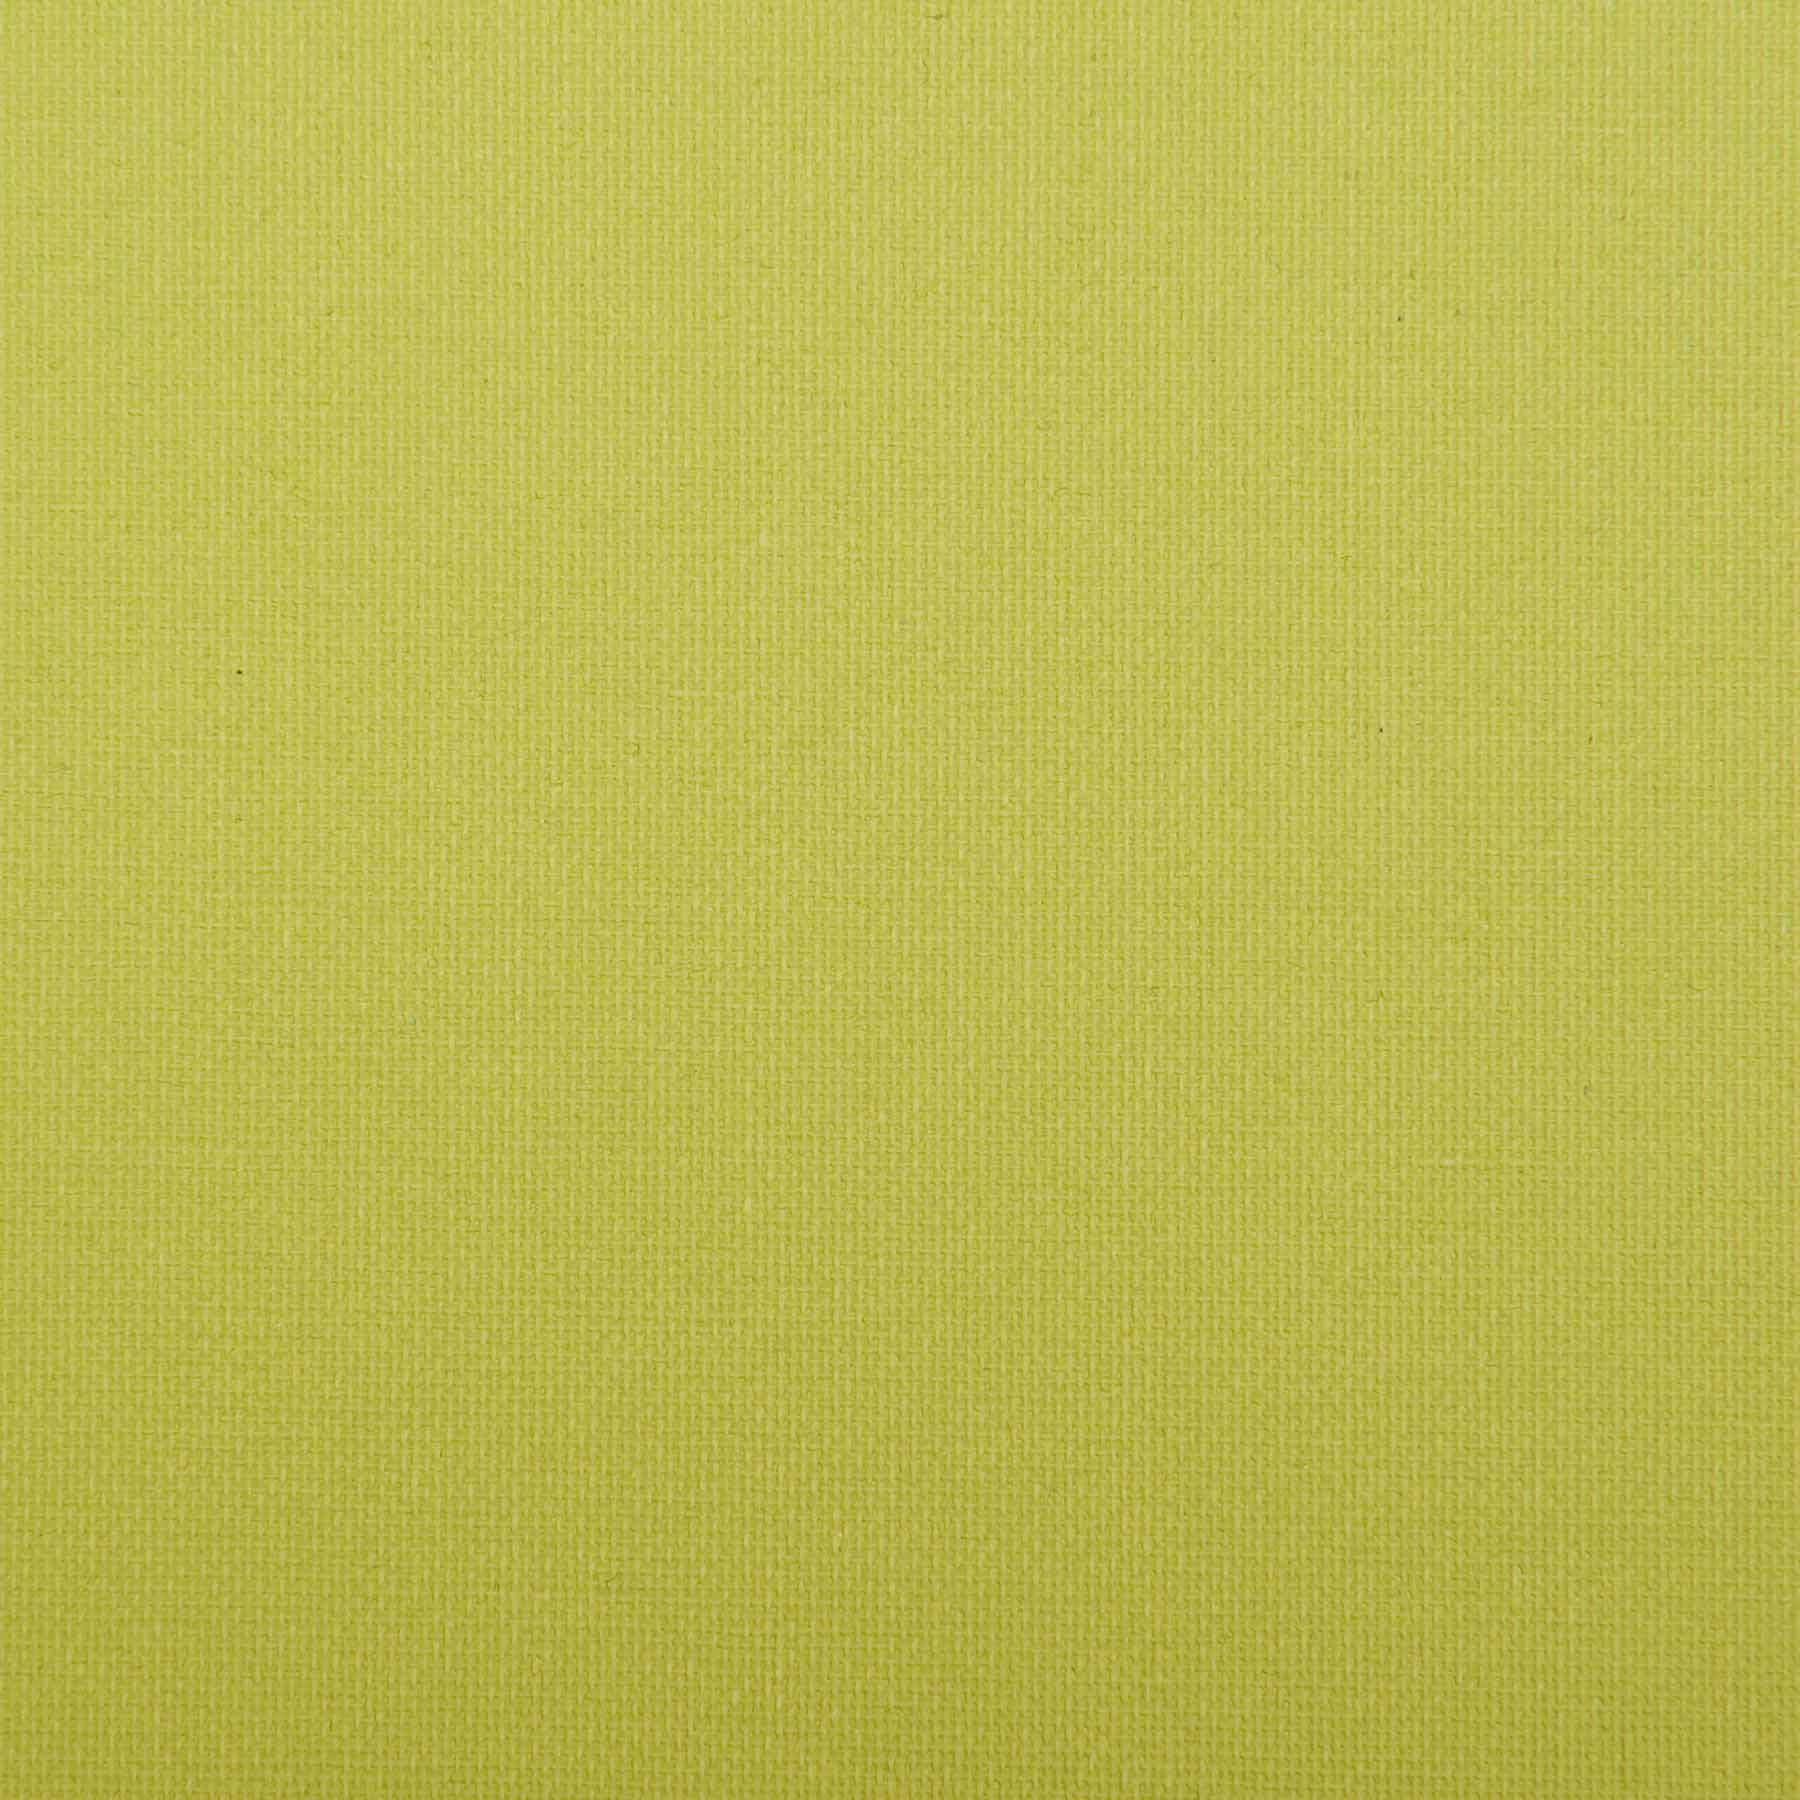 Fris groen rolgordijn